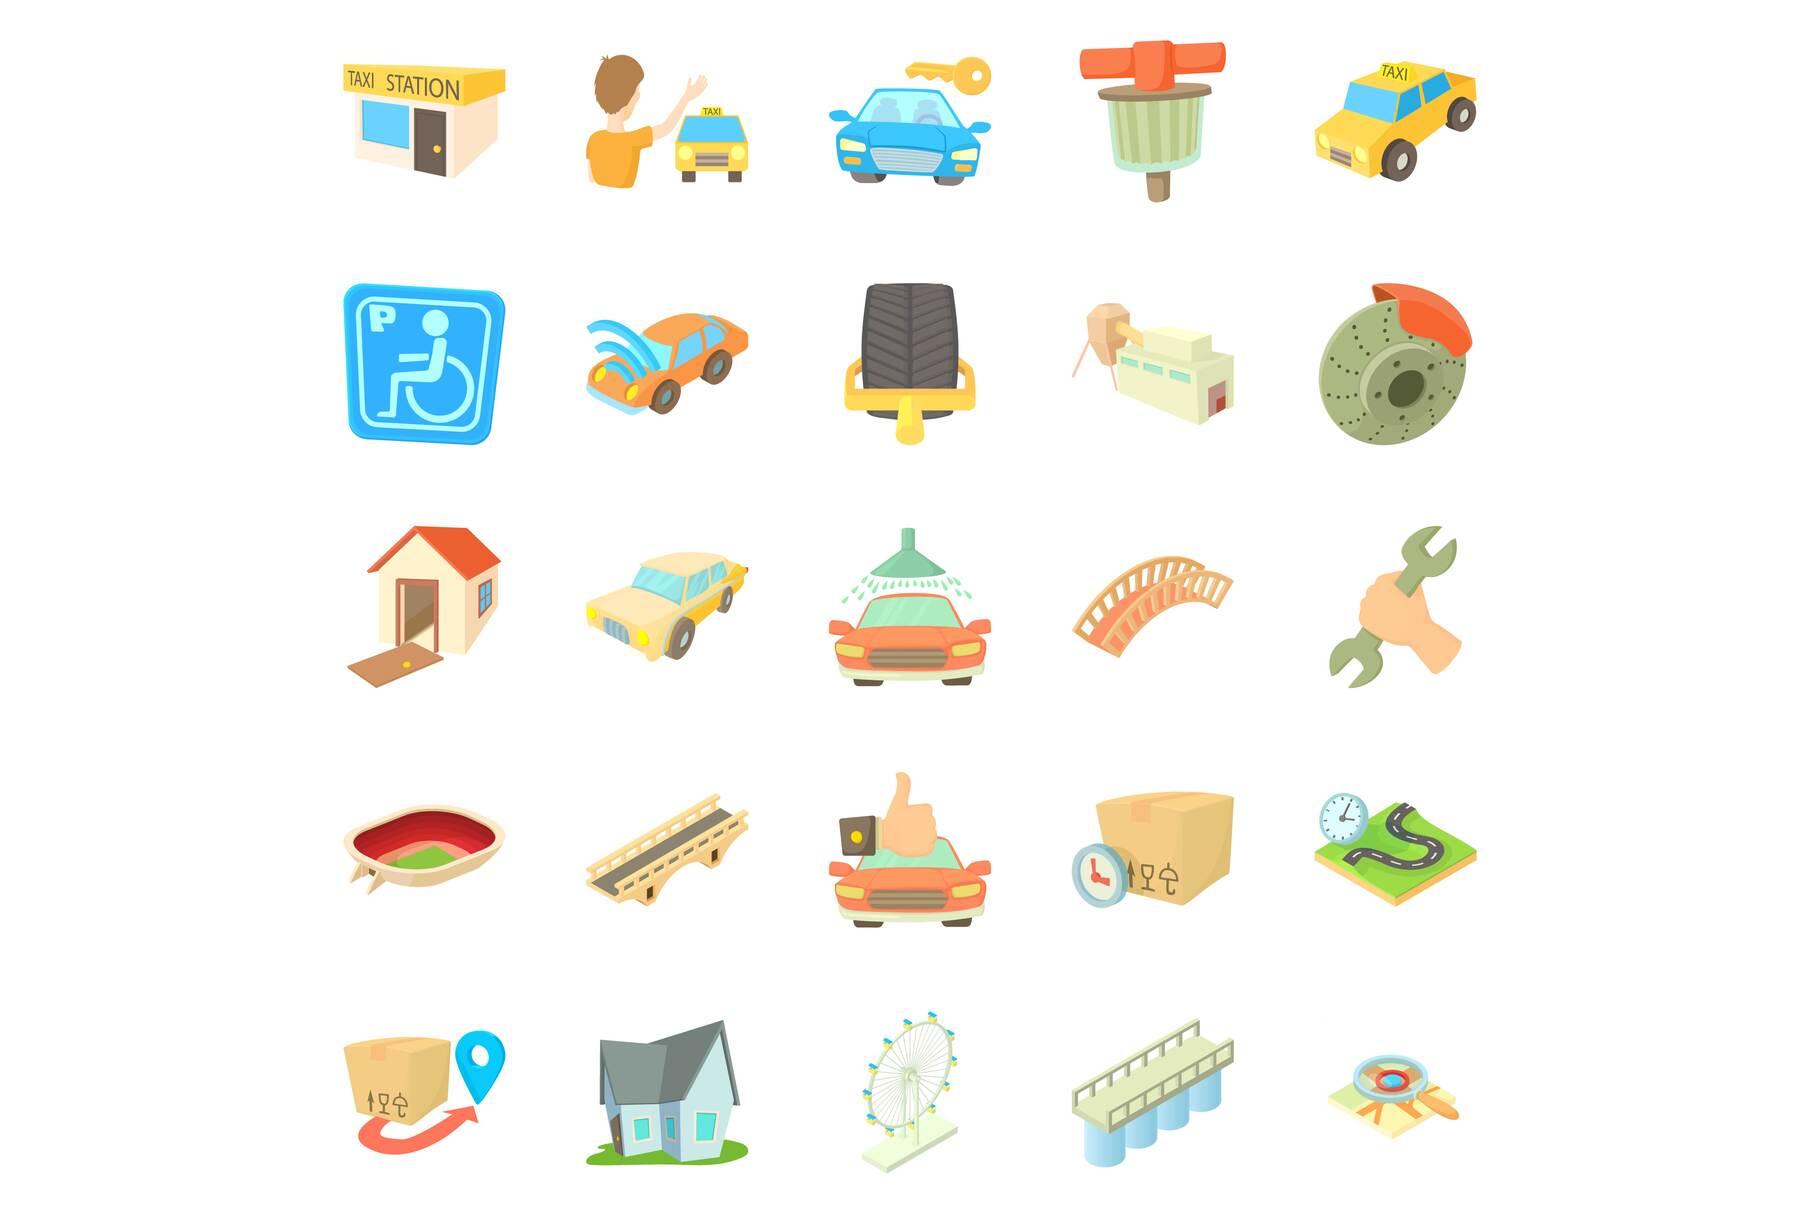 City elements icons set, cartoon style example image 1